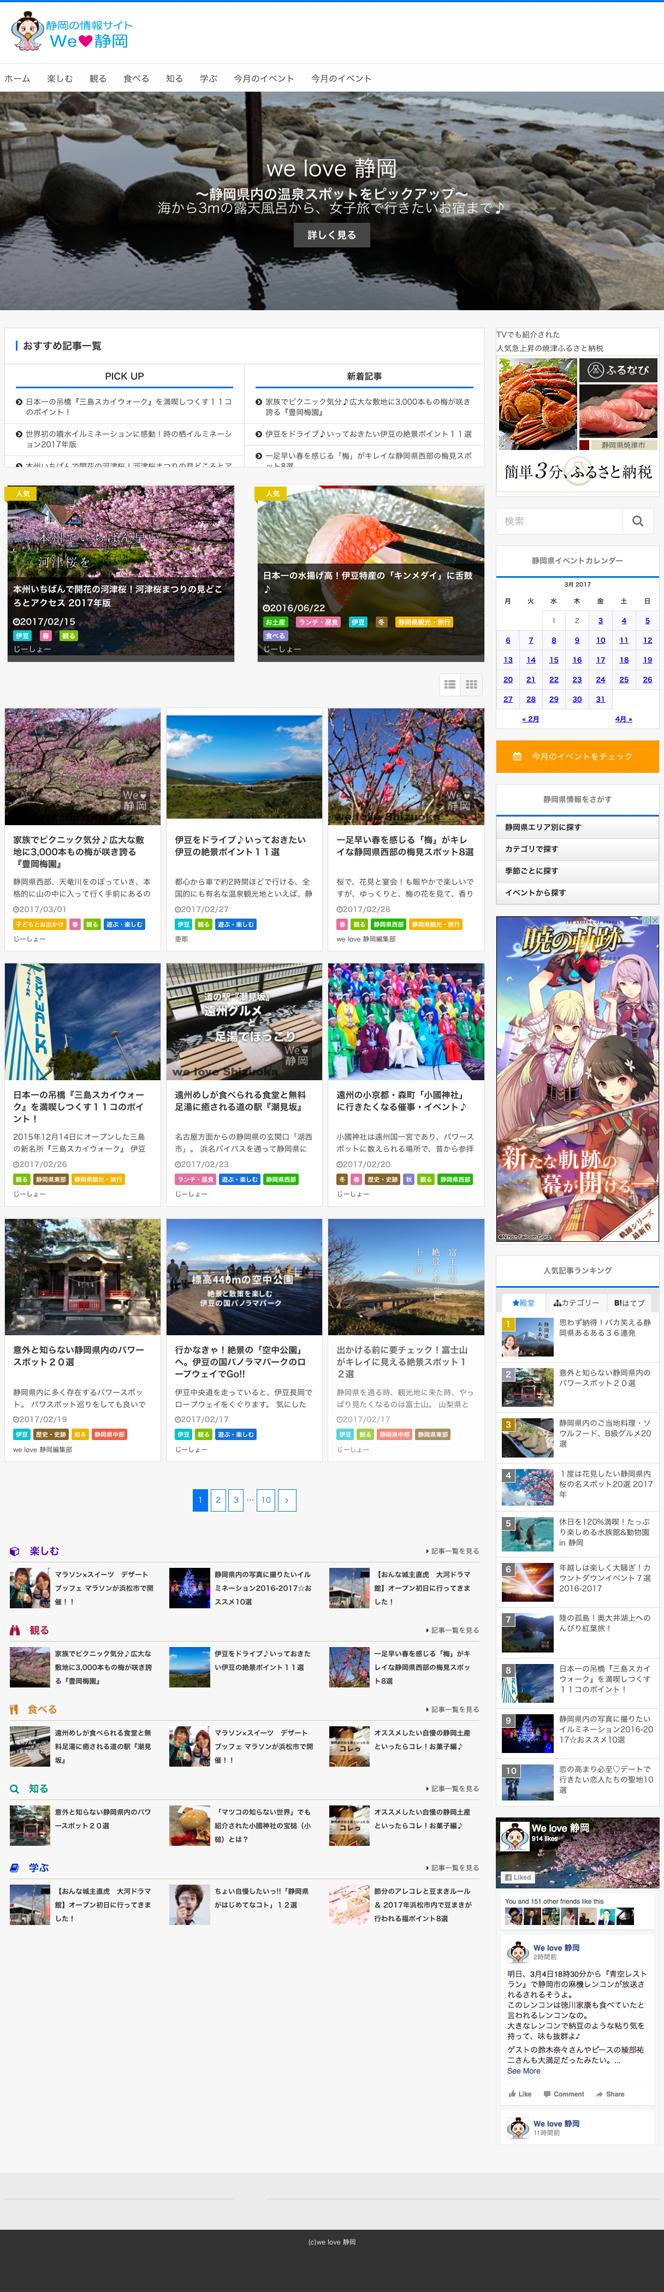 ホームページ制作実績:オウンドメディア we love 静岡